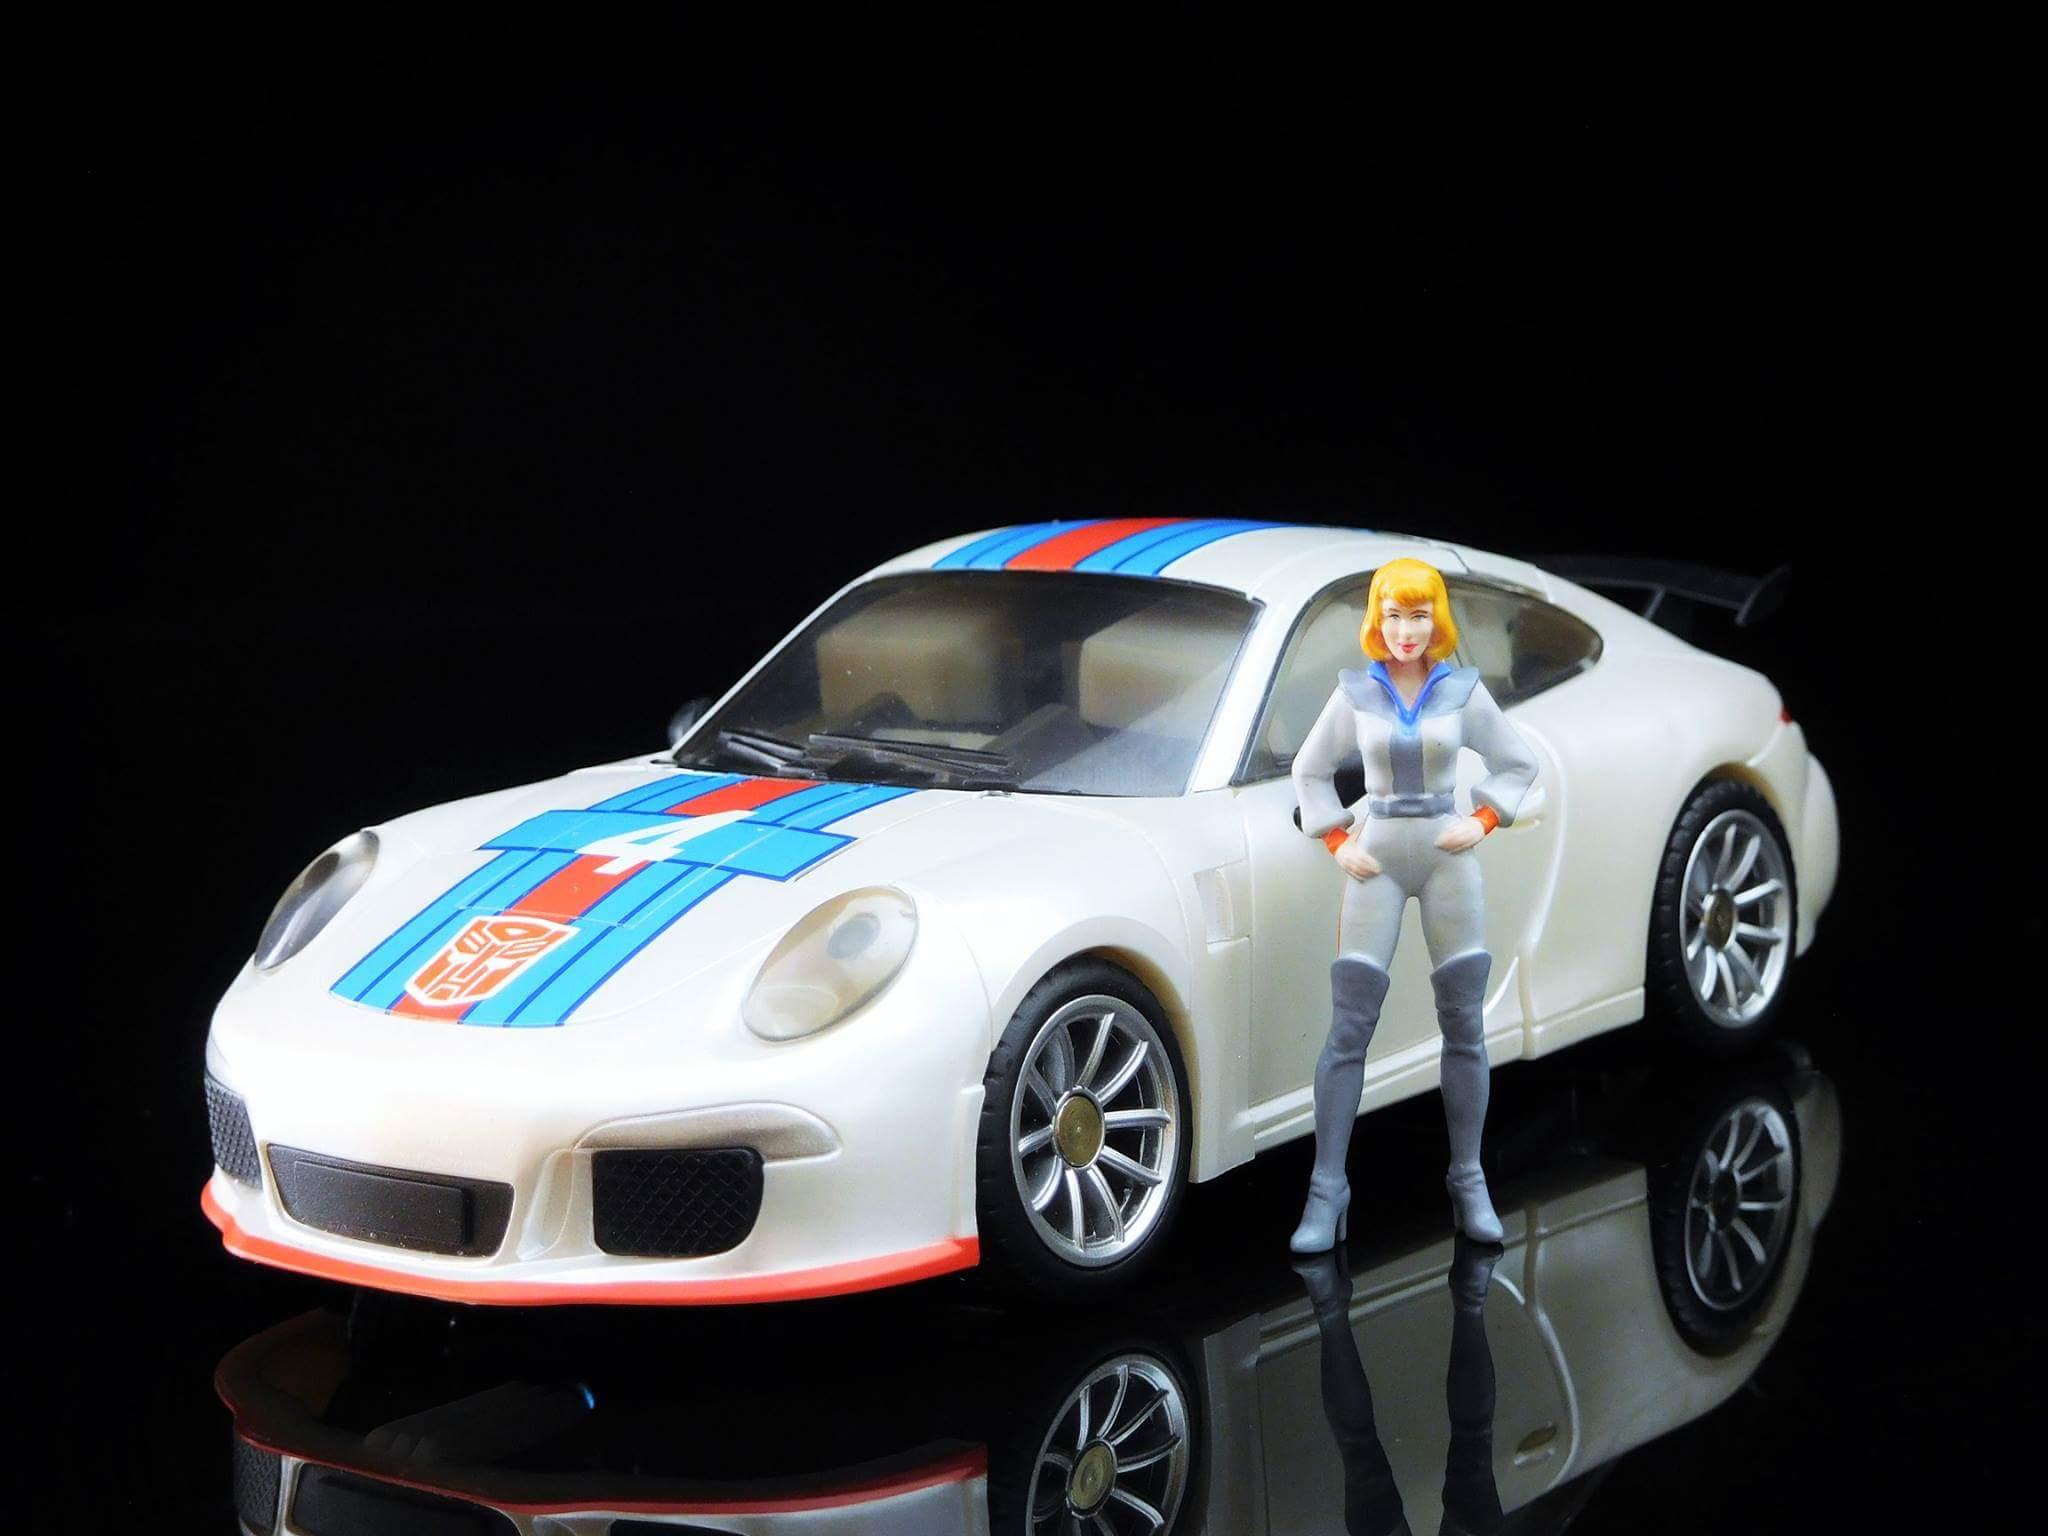 [Generation Toy] Produit Tiers - Jouets TF de la Gamme GT - des BD TF d'IDW - Page 2 N9hSVZ54